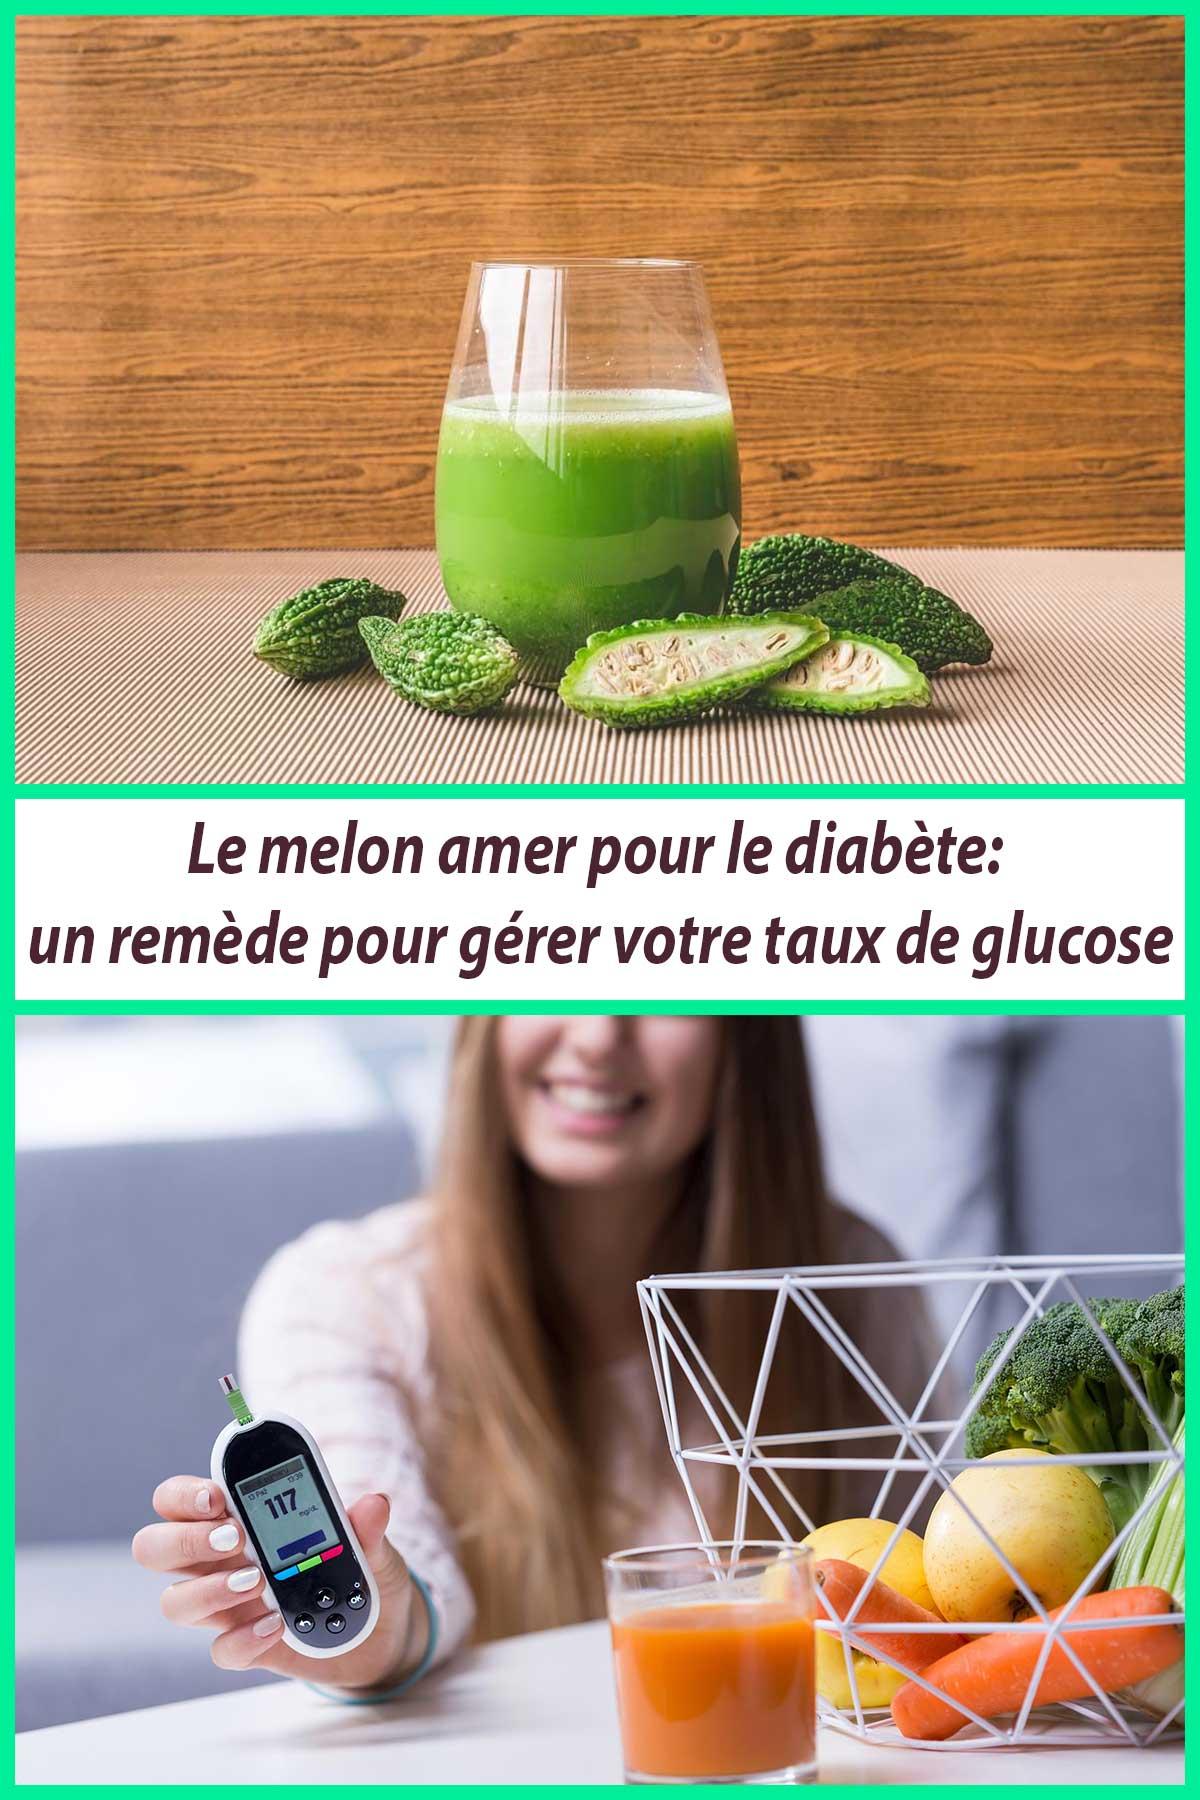 Le melon amer pour le diabète: un remède pour gérer votre taux de glucose